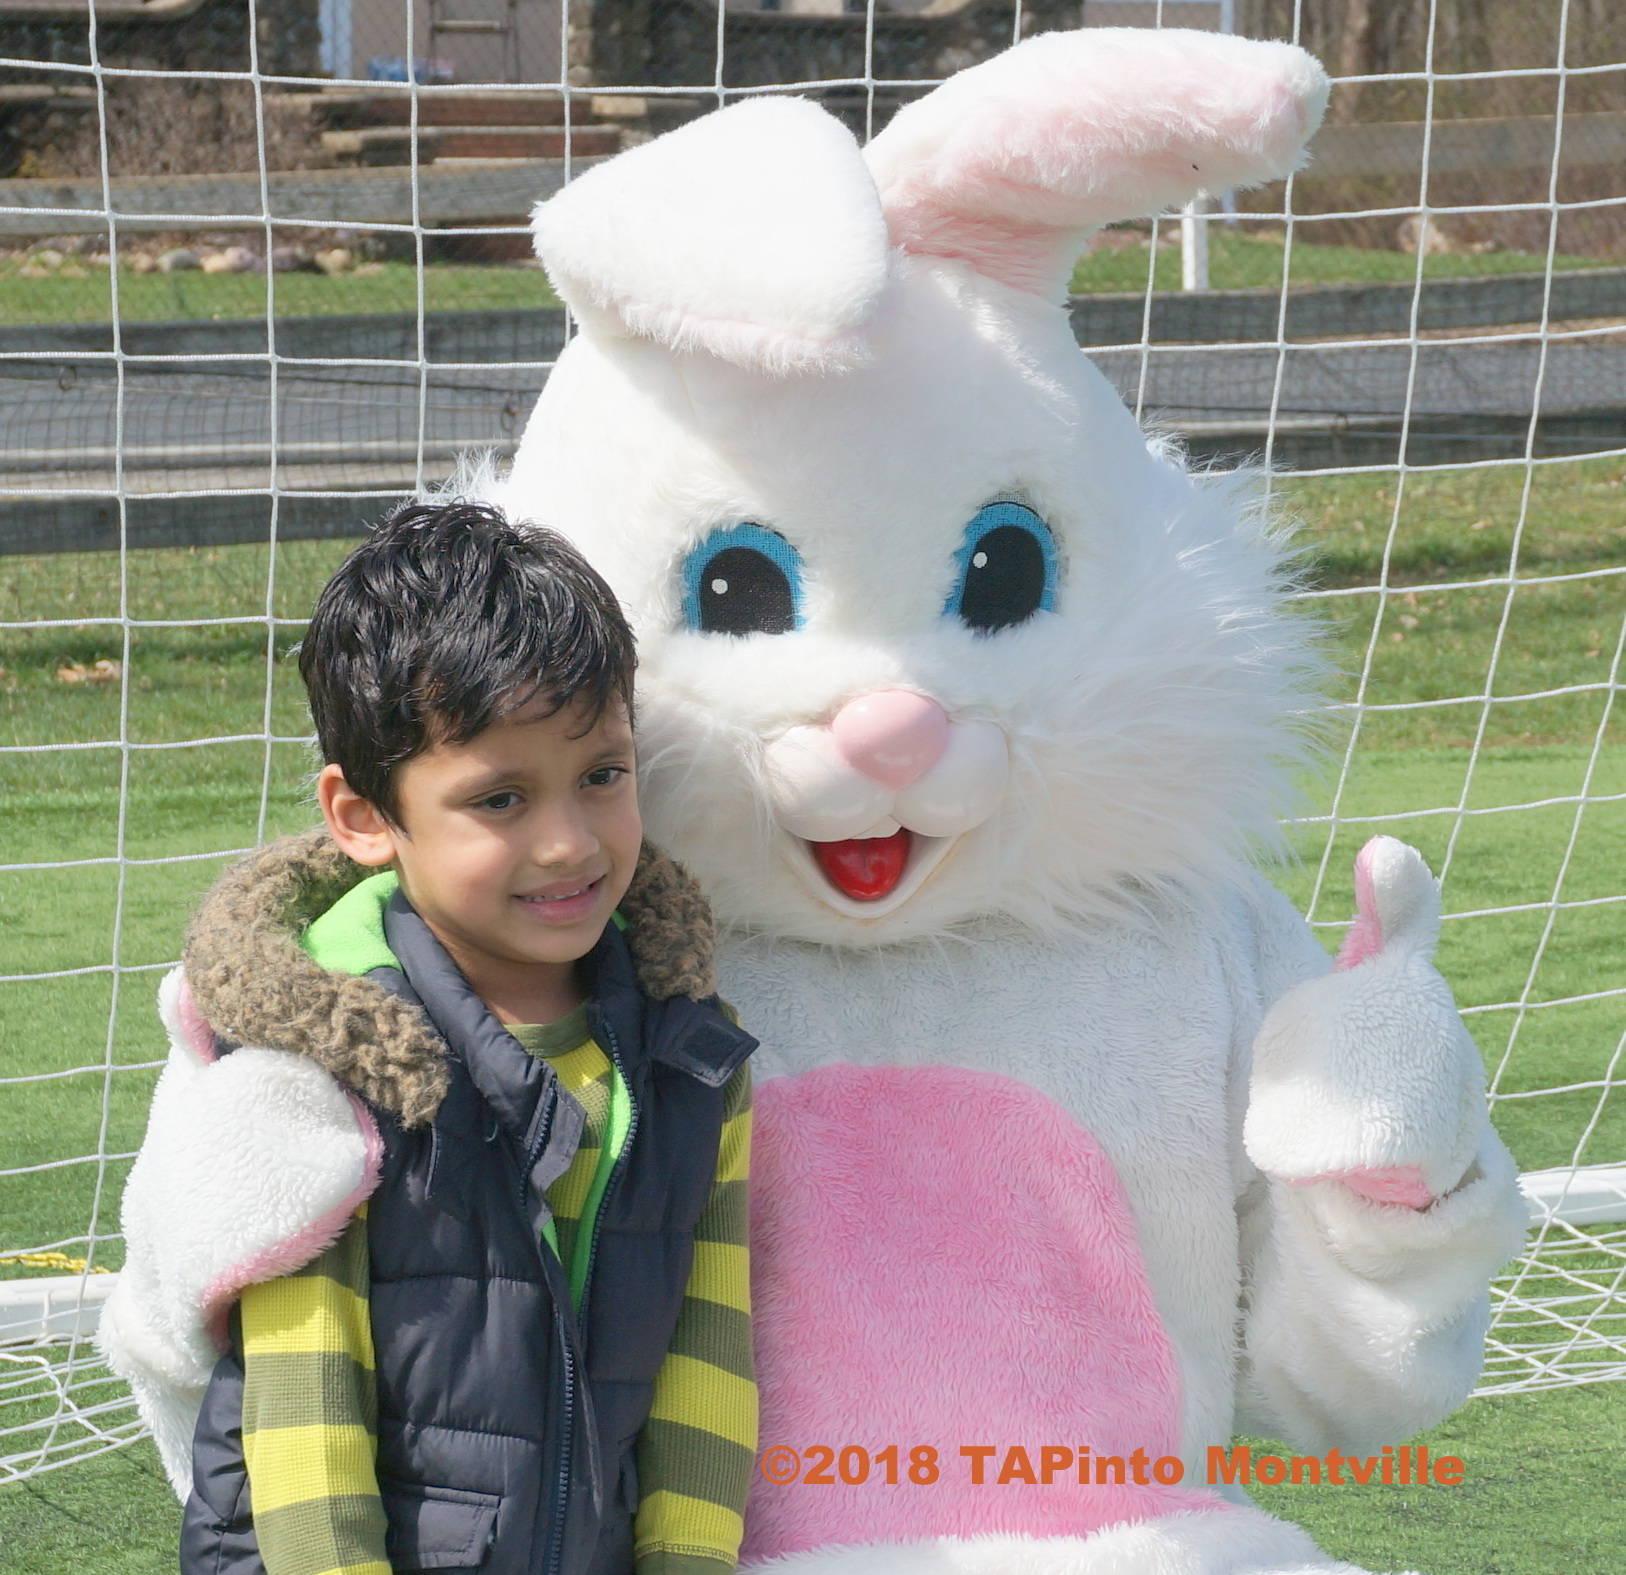 d6fcfa163fe1521e3008_Easter_bunny_2016_mine_2__2018_TAPinto_Montville.JPG